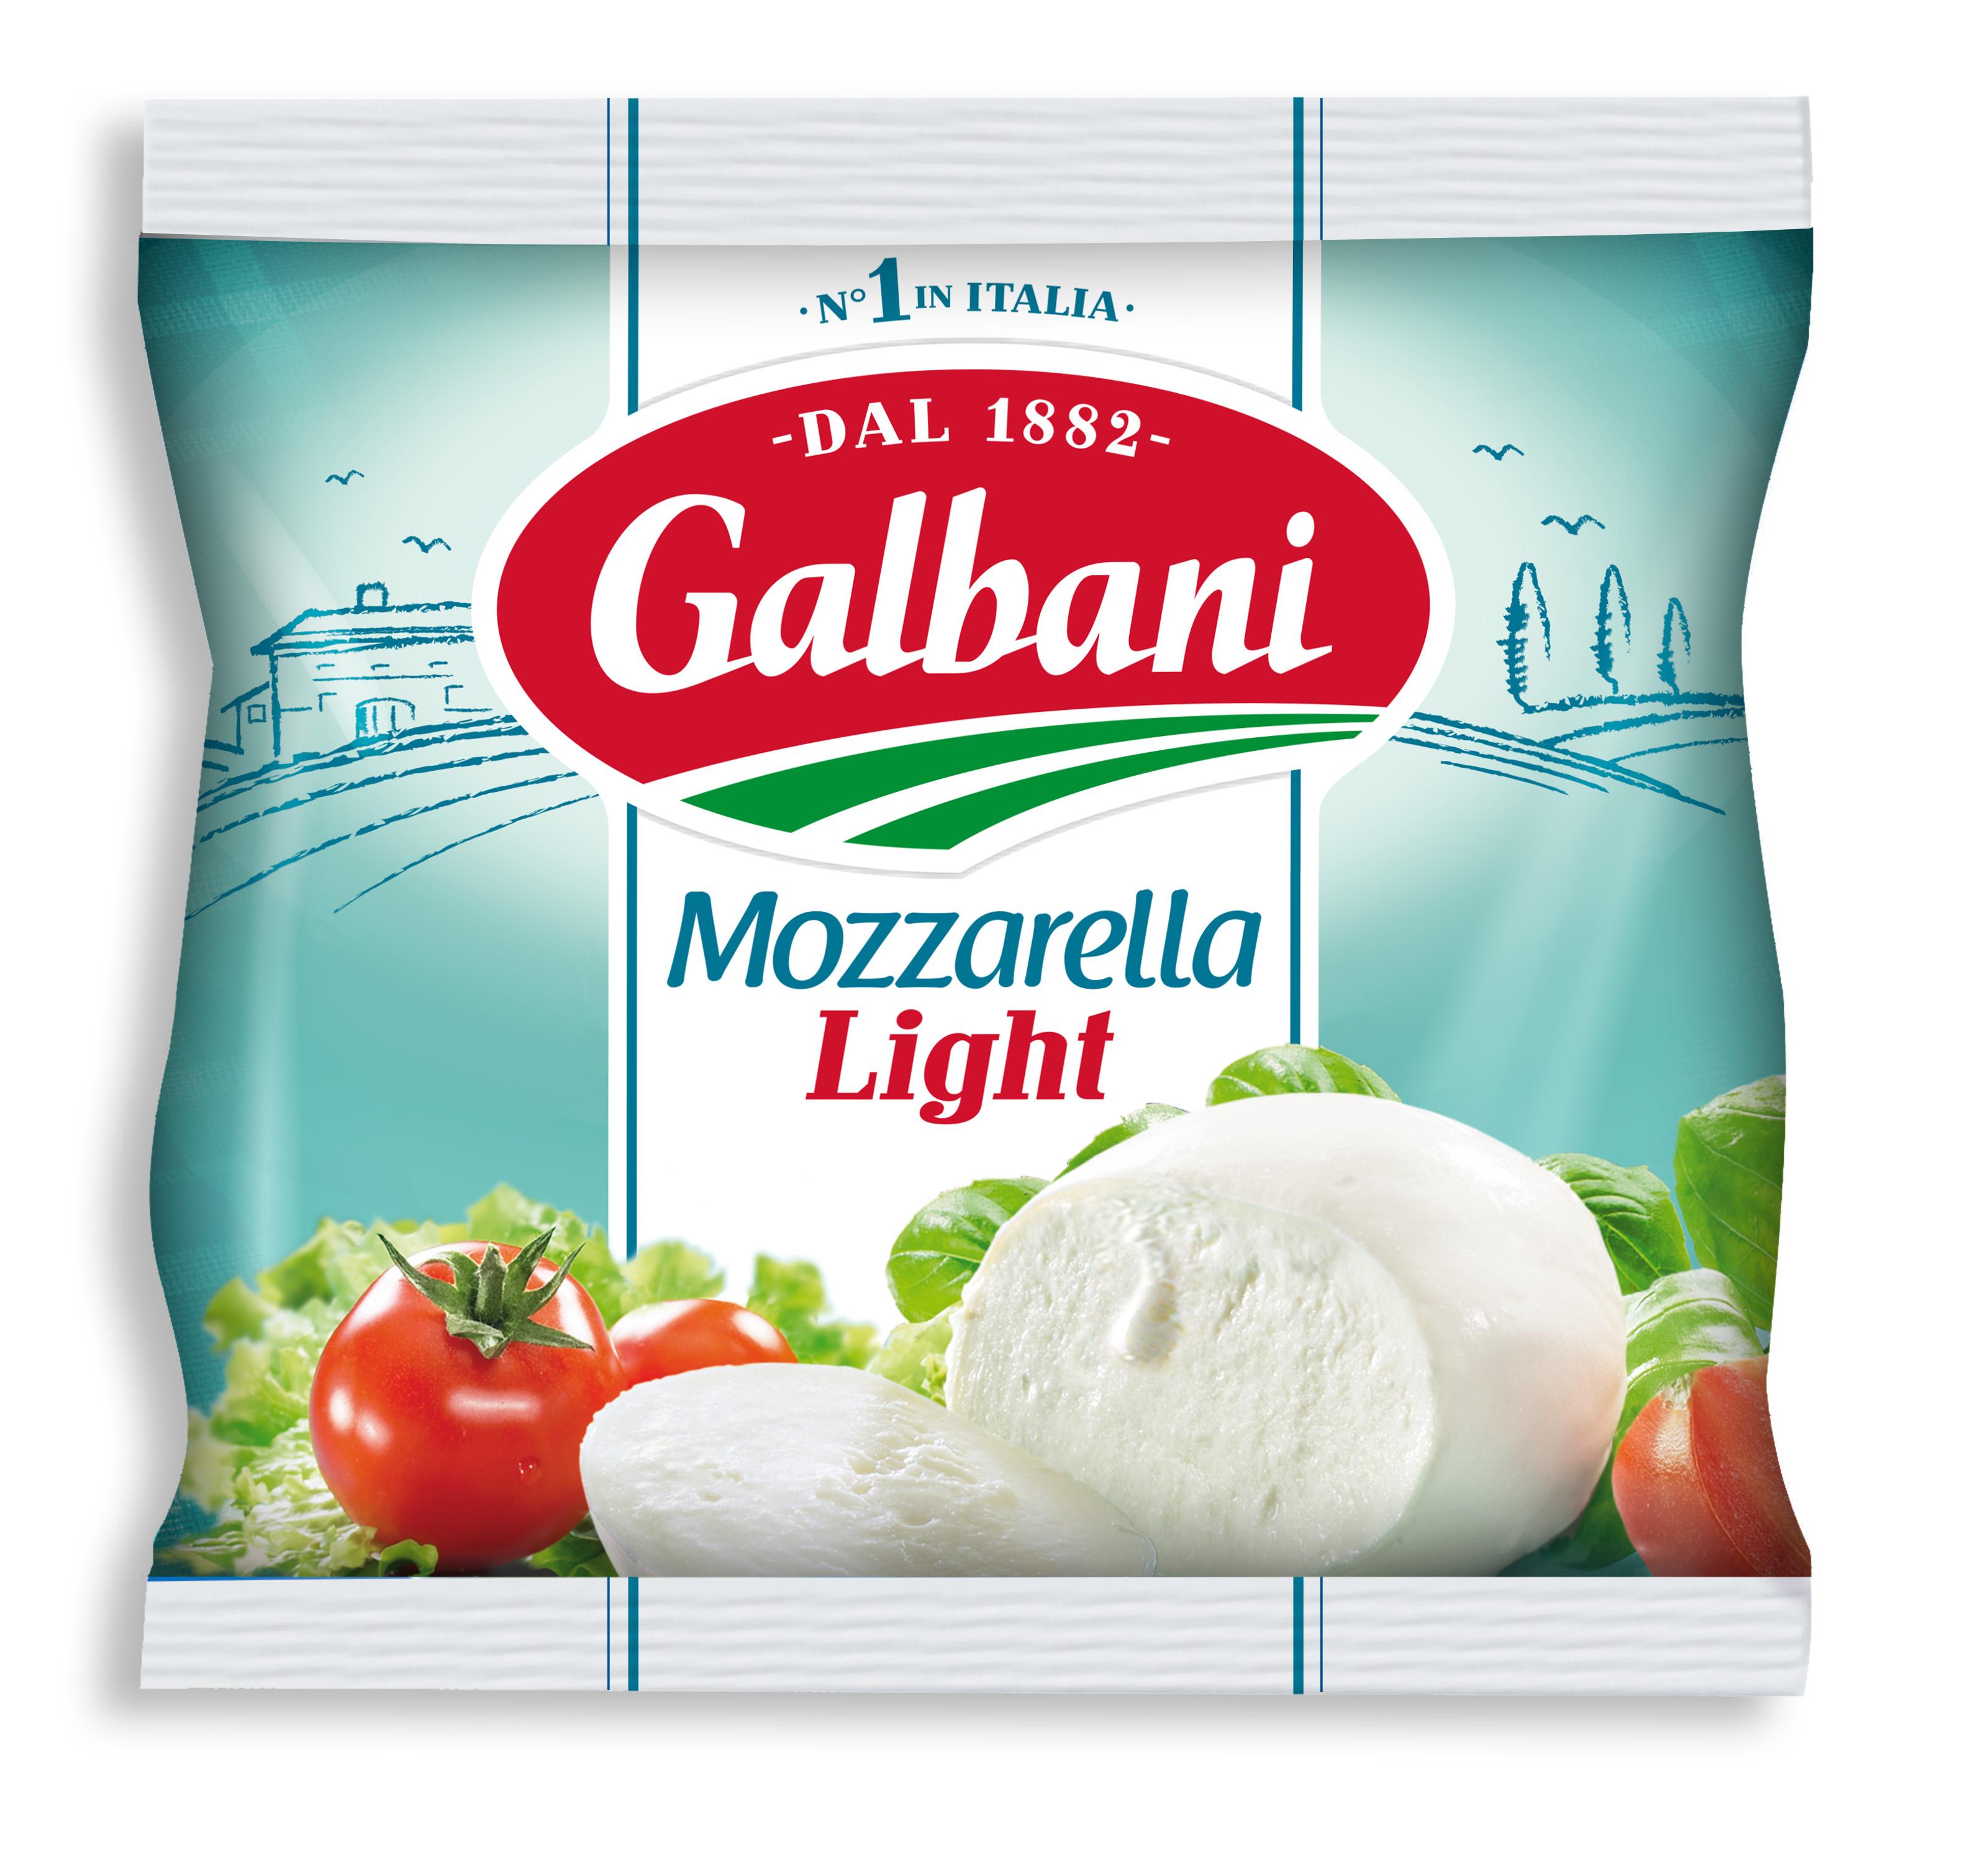 Galbani Mozzarella Light 125g - Galbani